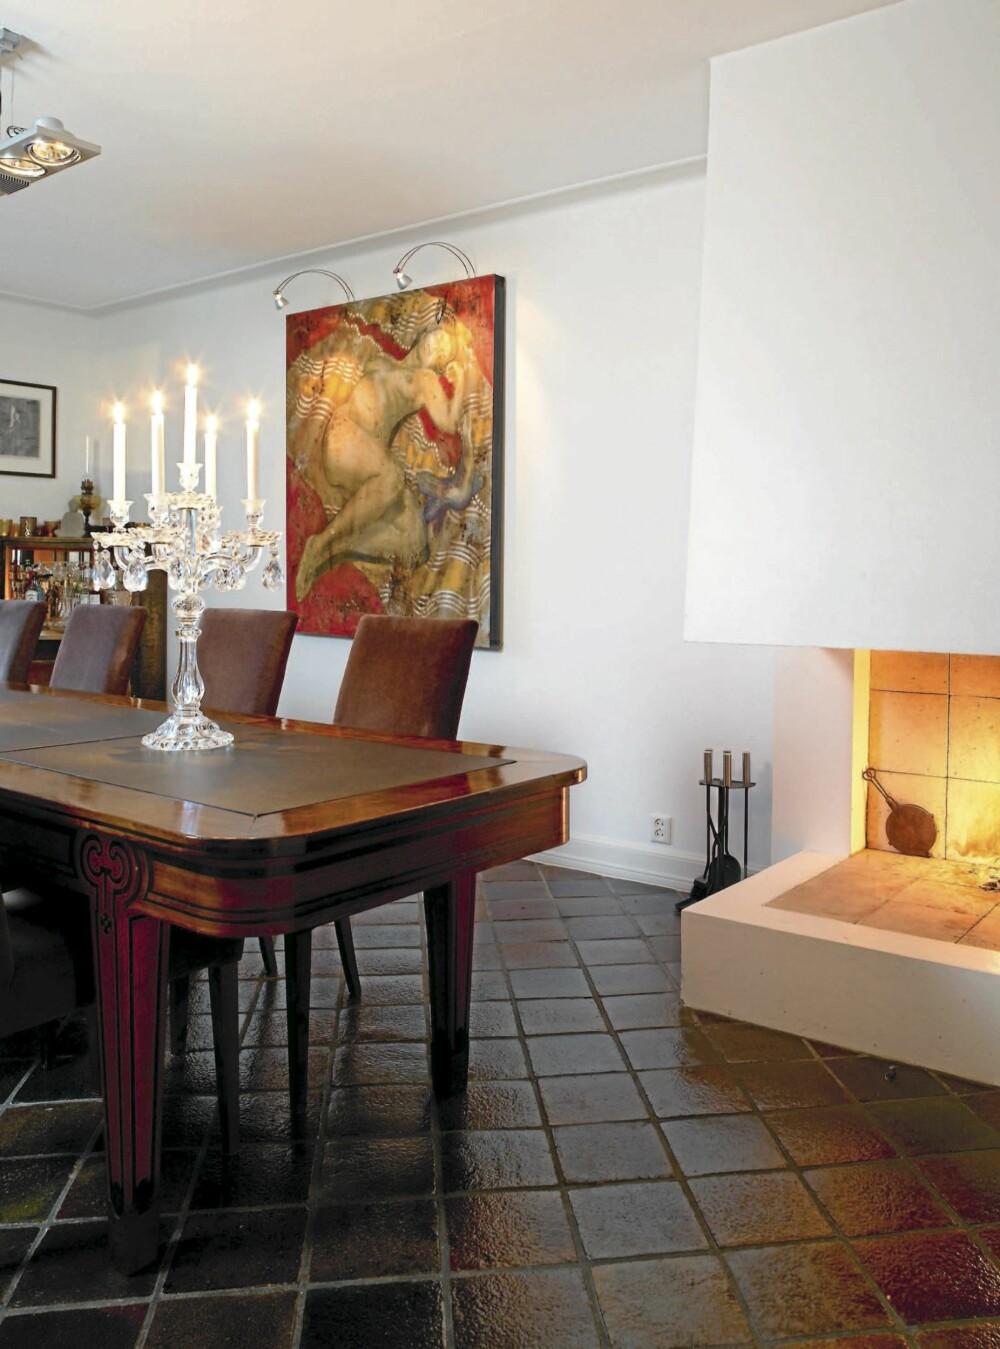 VARM BLANDING. Her er lite tilfeldig. Interiøret har samme varme farger som Elisabeth Verps maleri. Spisebordet er kjøpt på bruktmarked og de glaserte gulvflisene er håndslåtte fra Nederland.